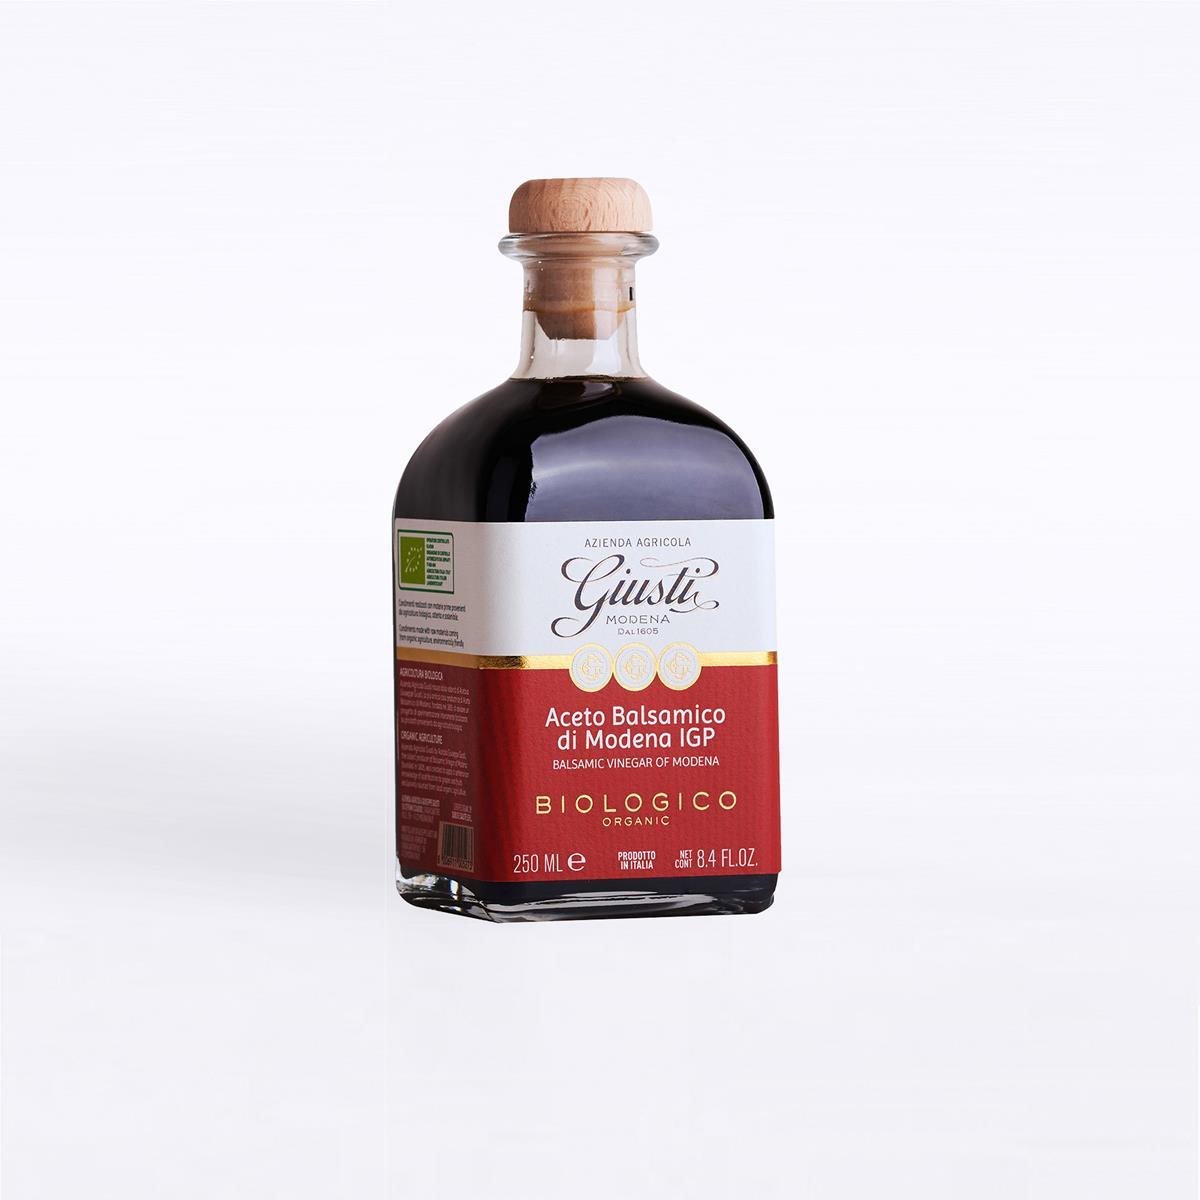 Aceto Balsamico di Modena IGP - Biologico - 3 Sigilli - 250 ml